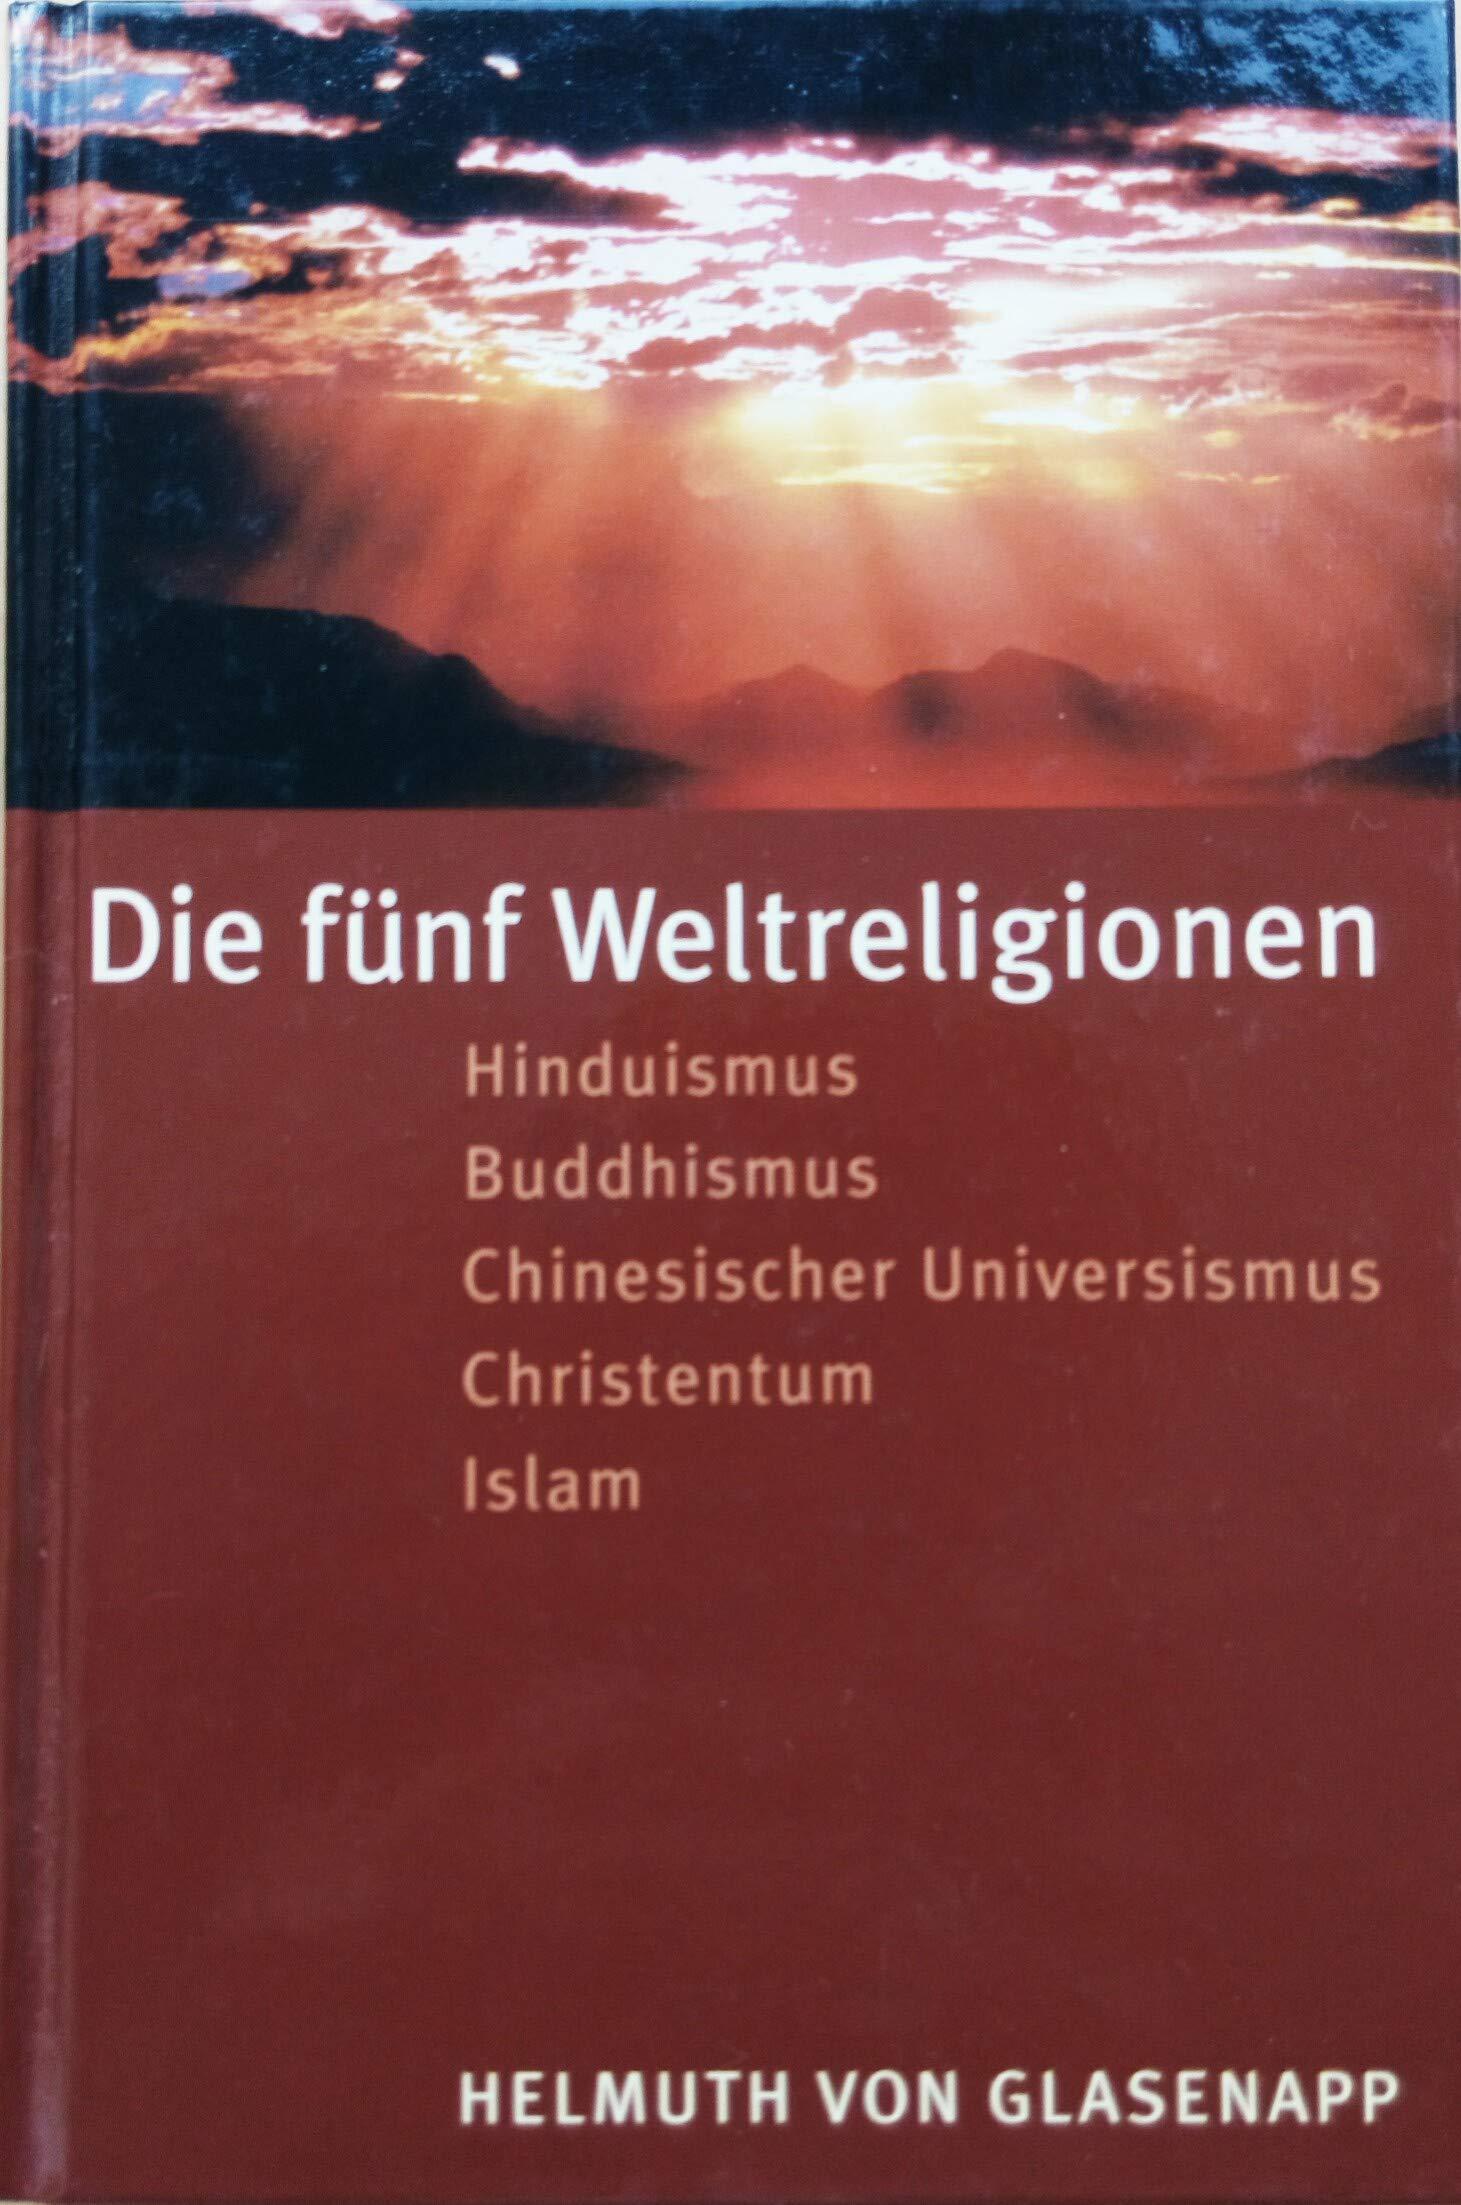 Die fünf Weltreligionen : Hinduismus, Buddhismus, chinesischer Universismus, Christentum, Islam.